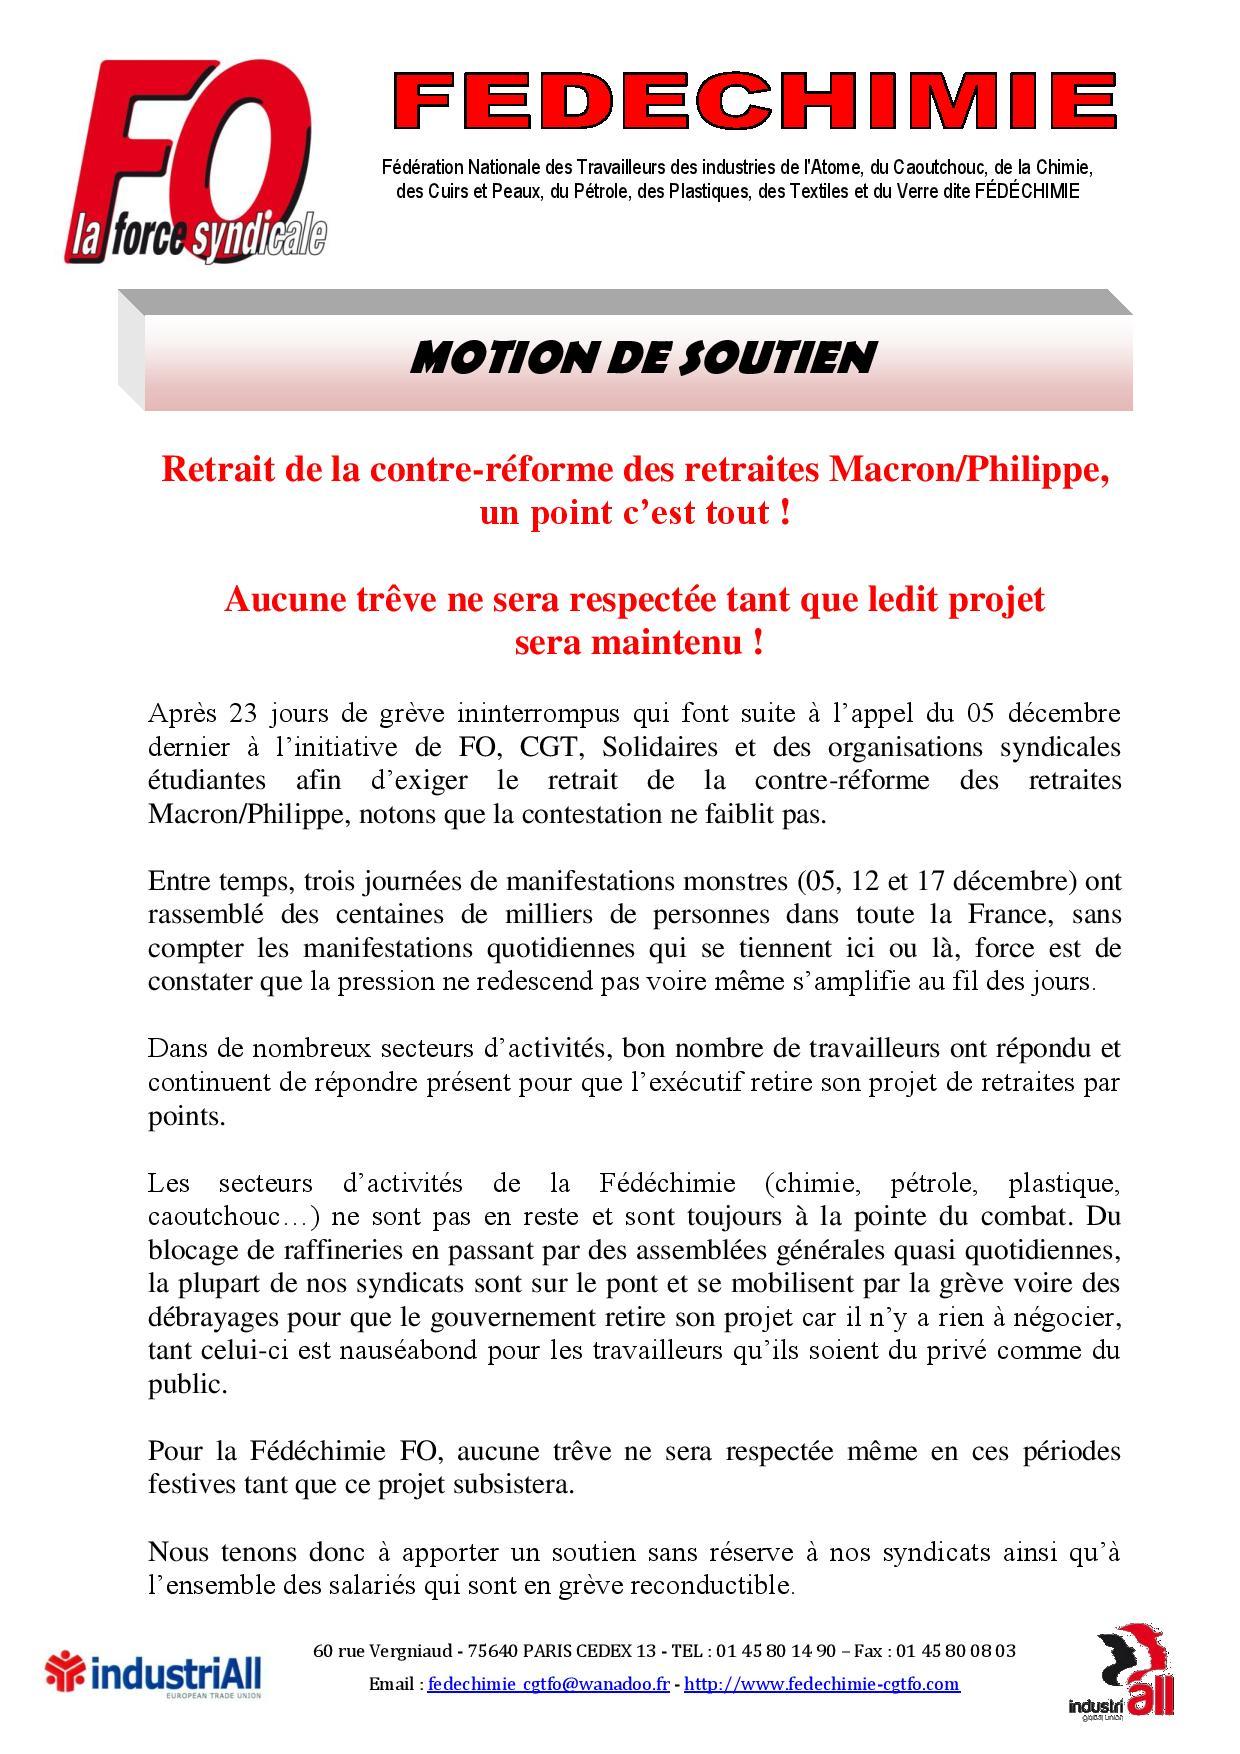 Fd chimie motion de soutien contre la reforme des retraites macron philippe page 001